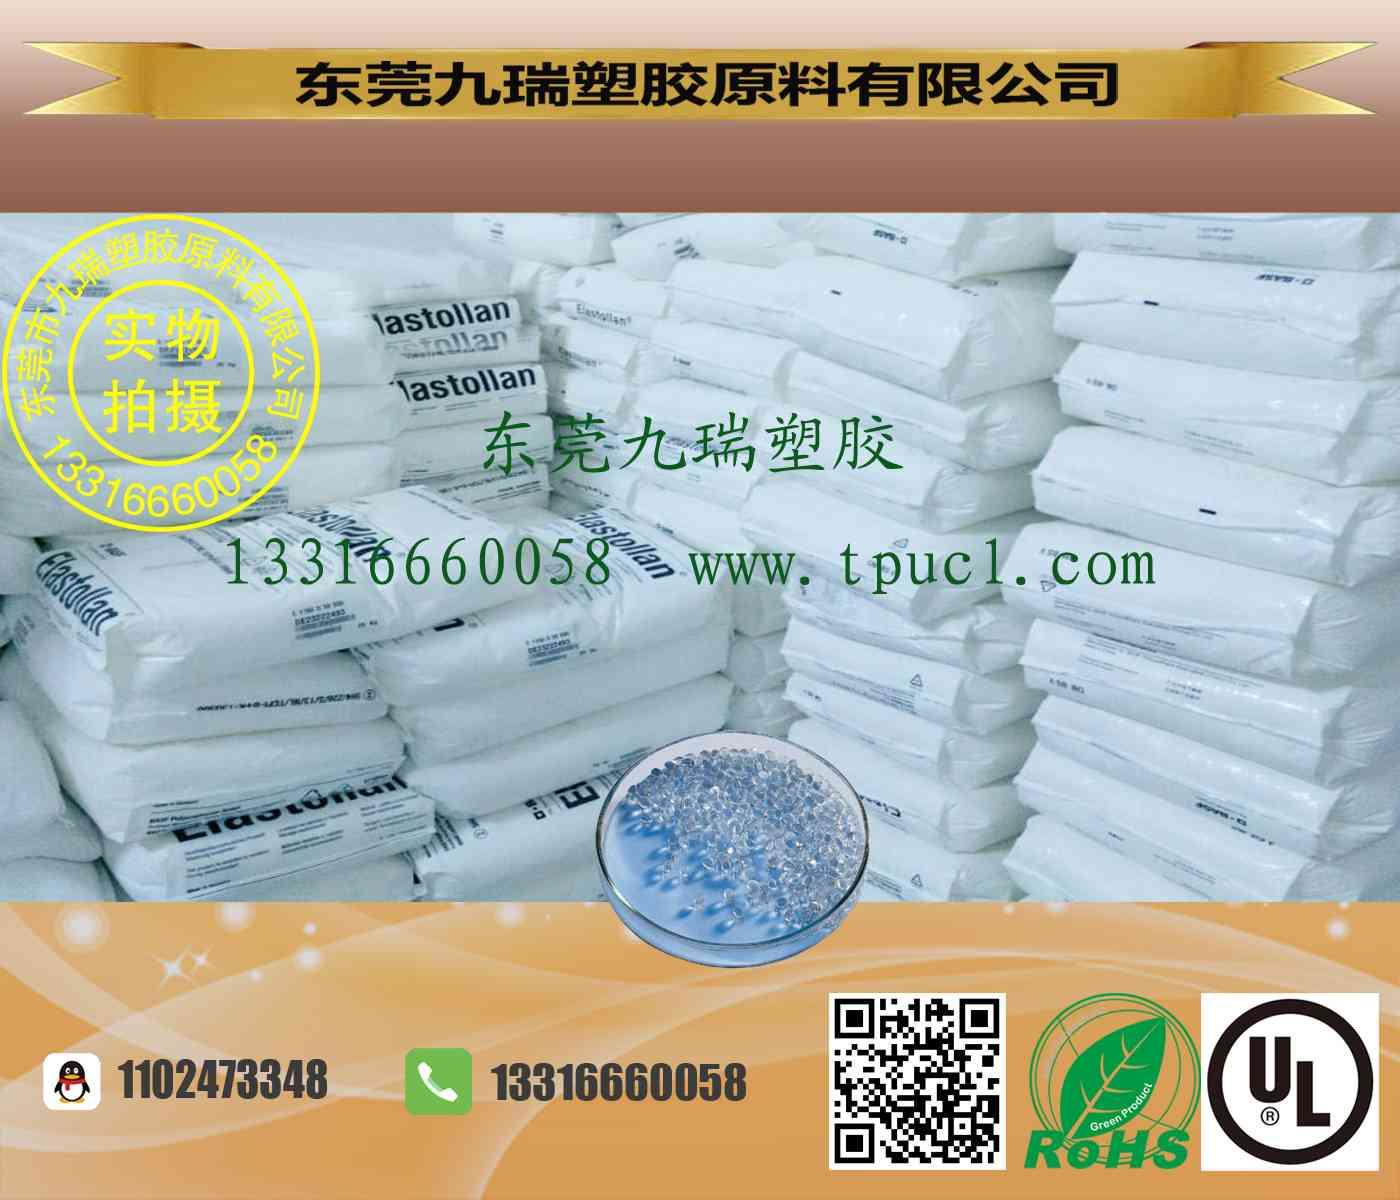 高透明TPU材料685 A